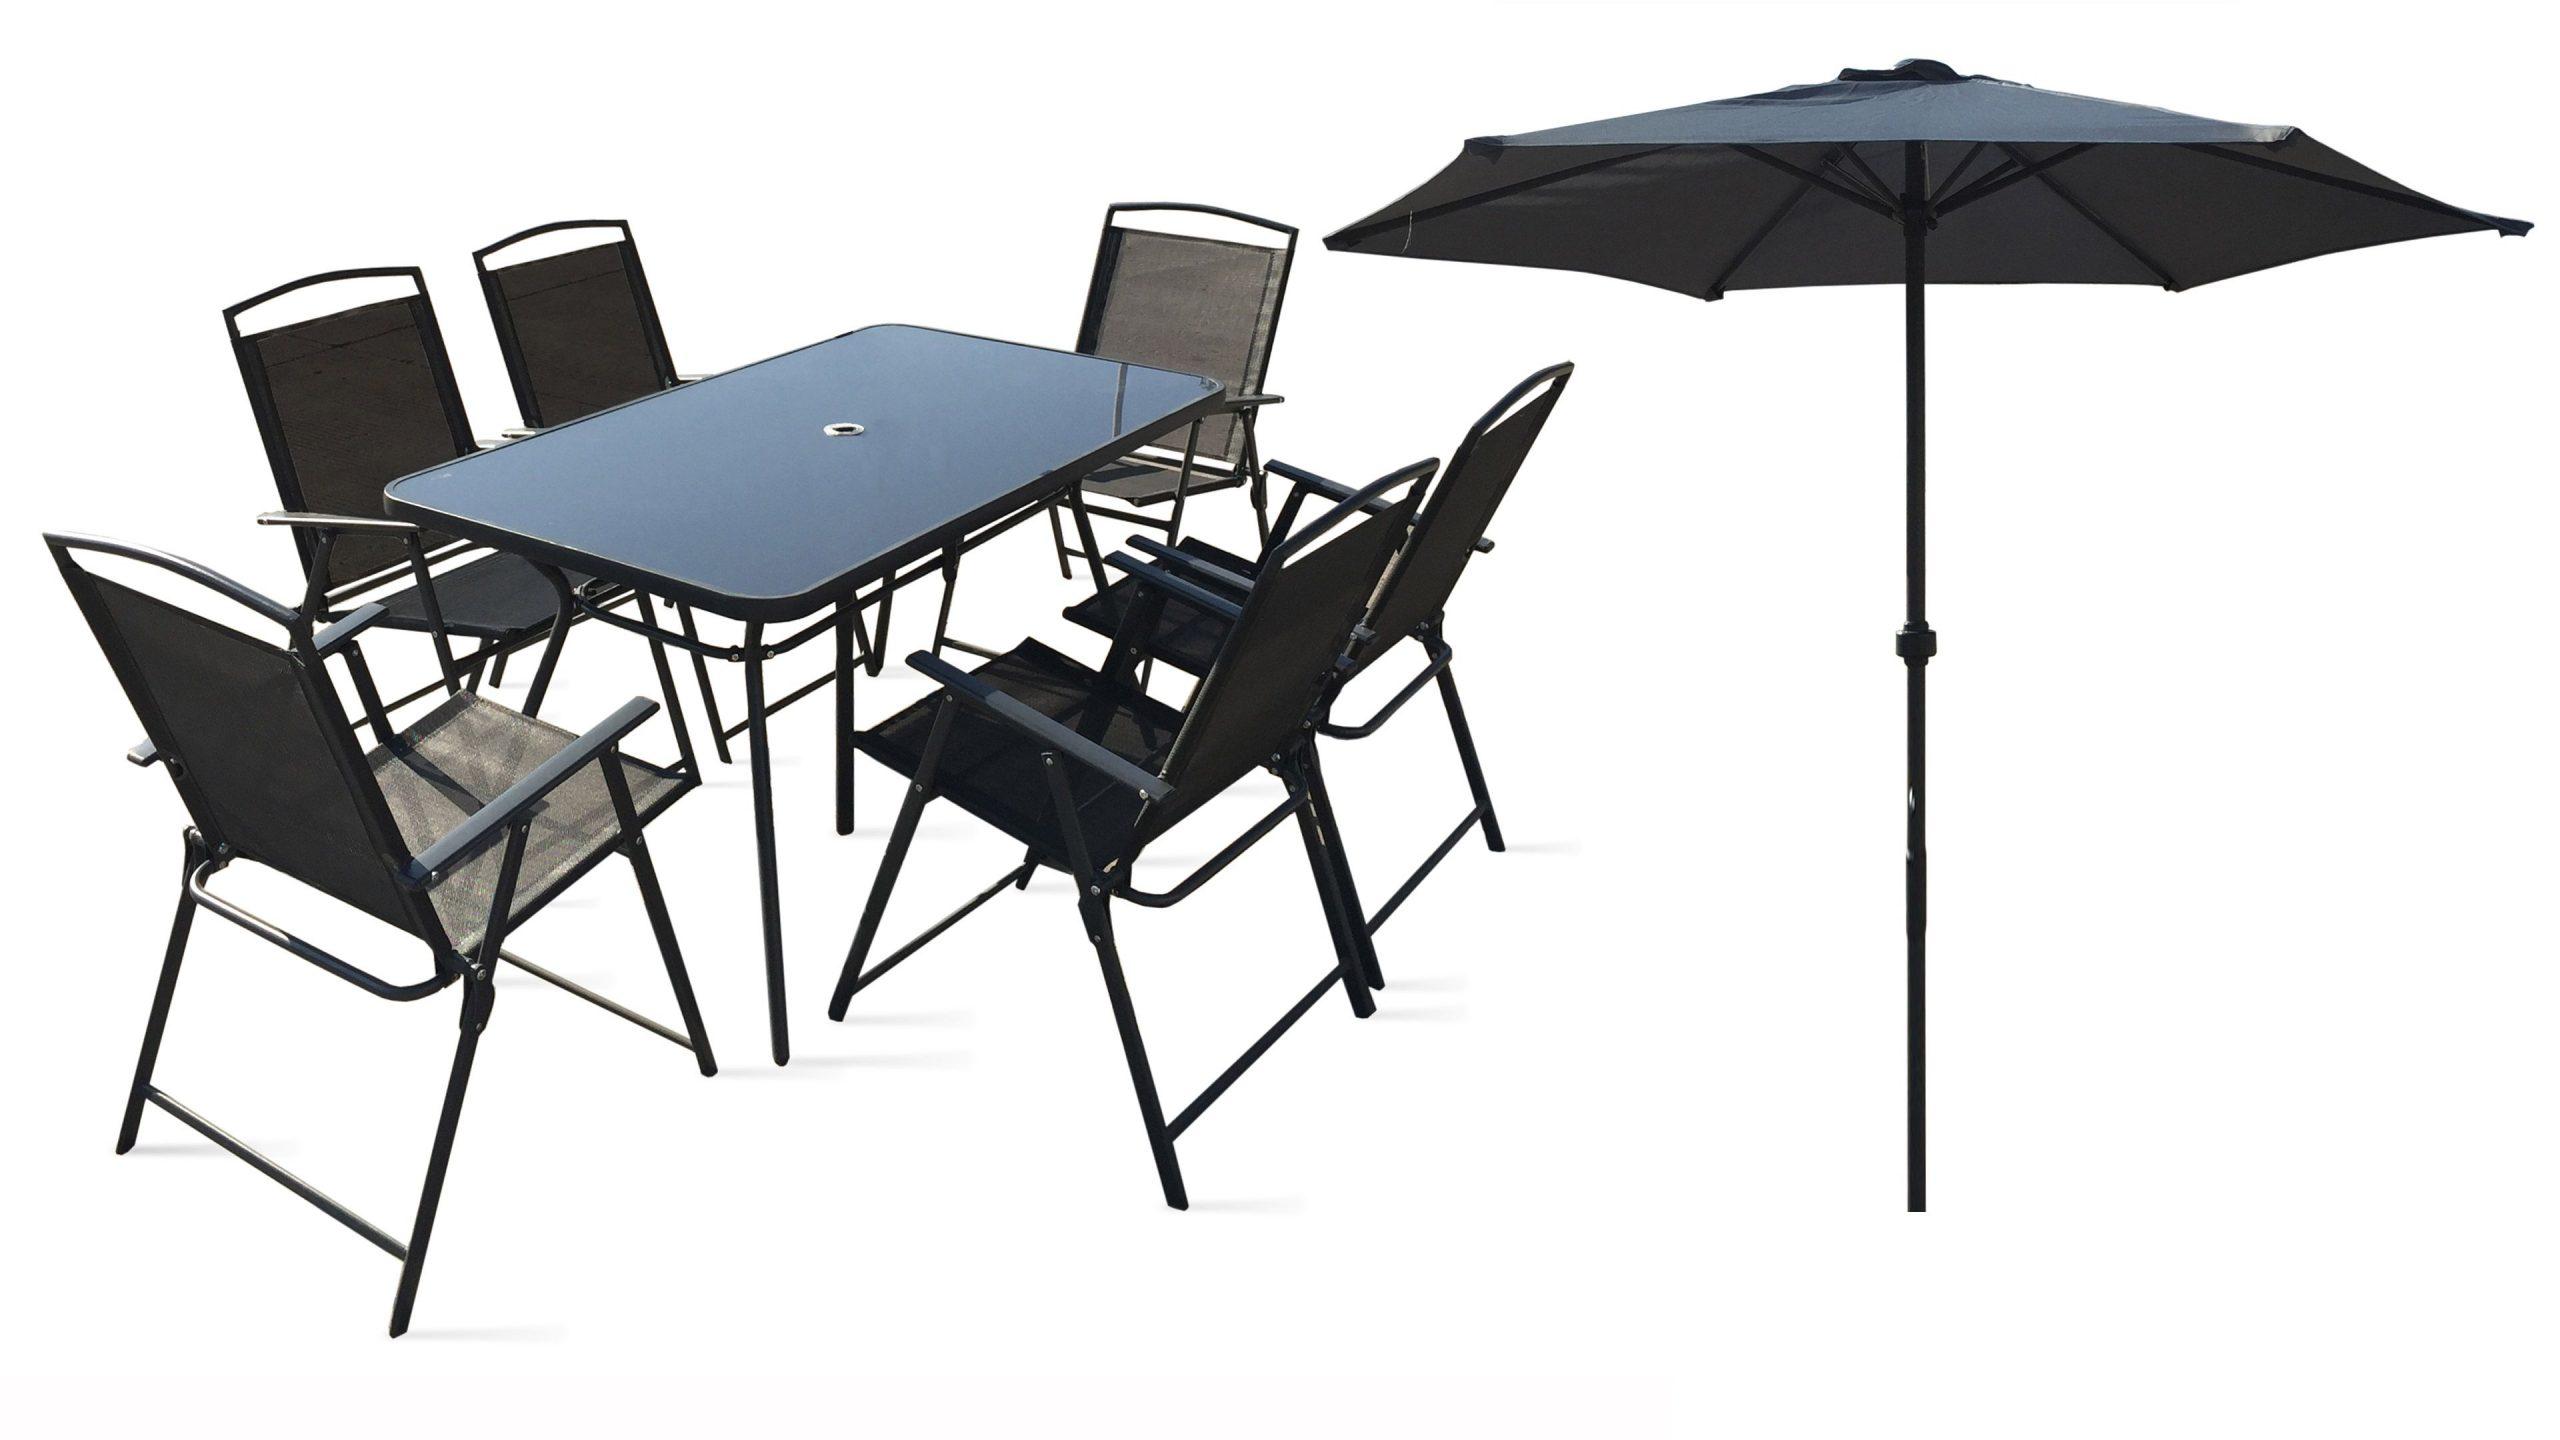 Table De Jardin 6 Chaises Et 1 Parasol concernant Table De Jardin Avec Chaise Pas Cher